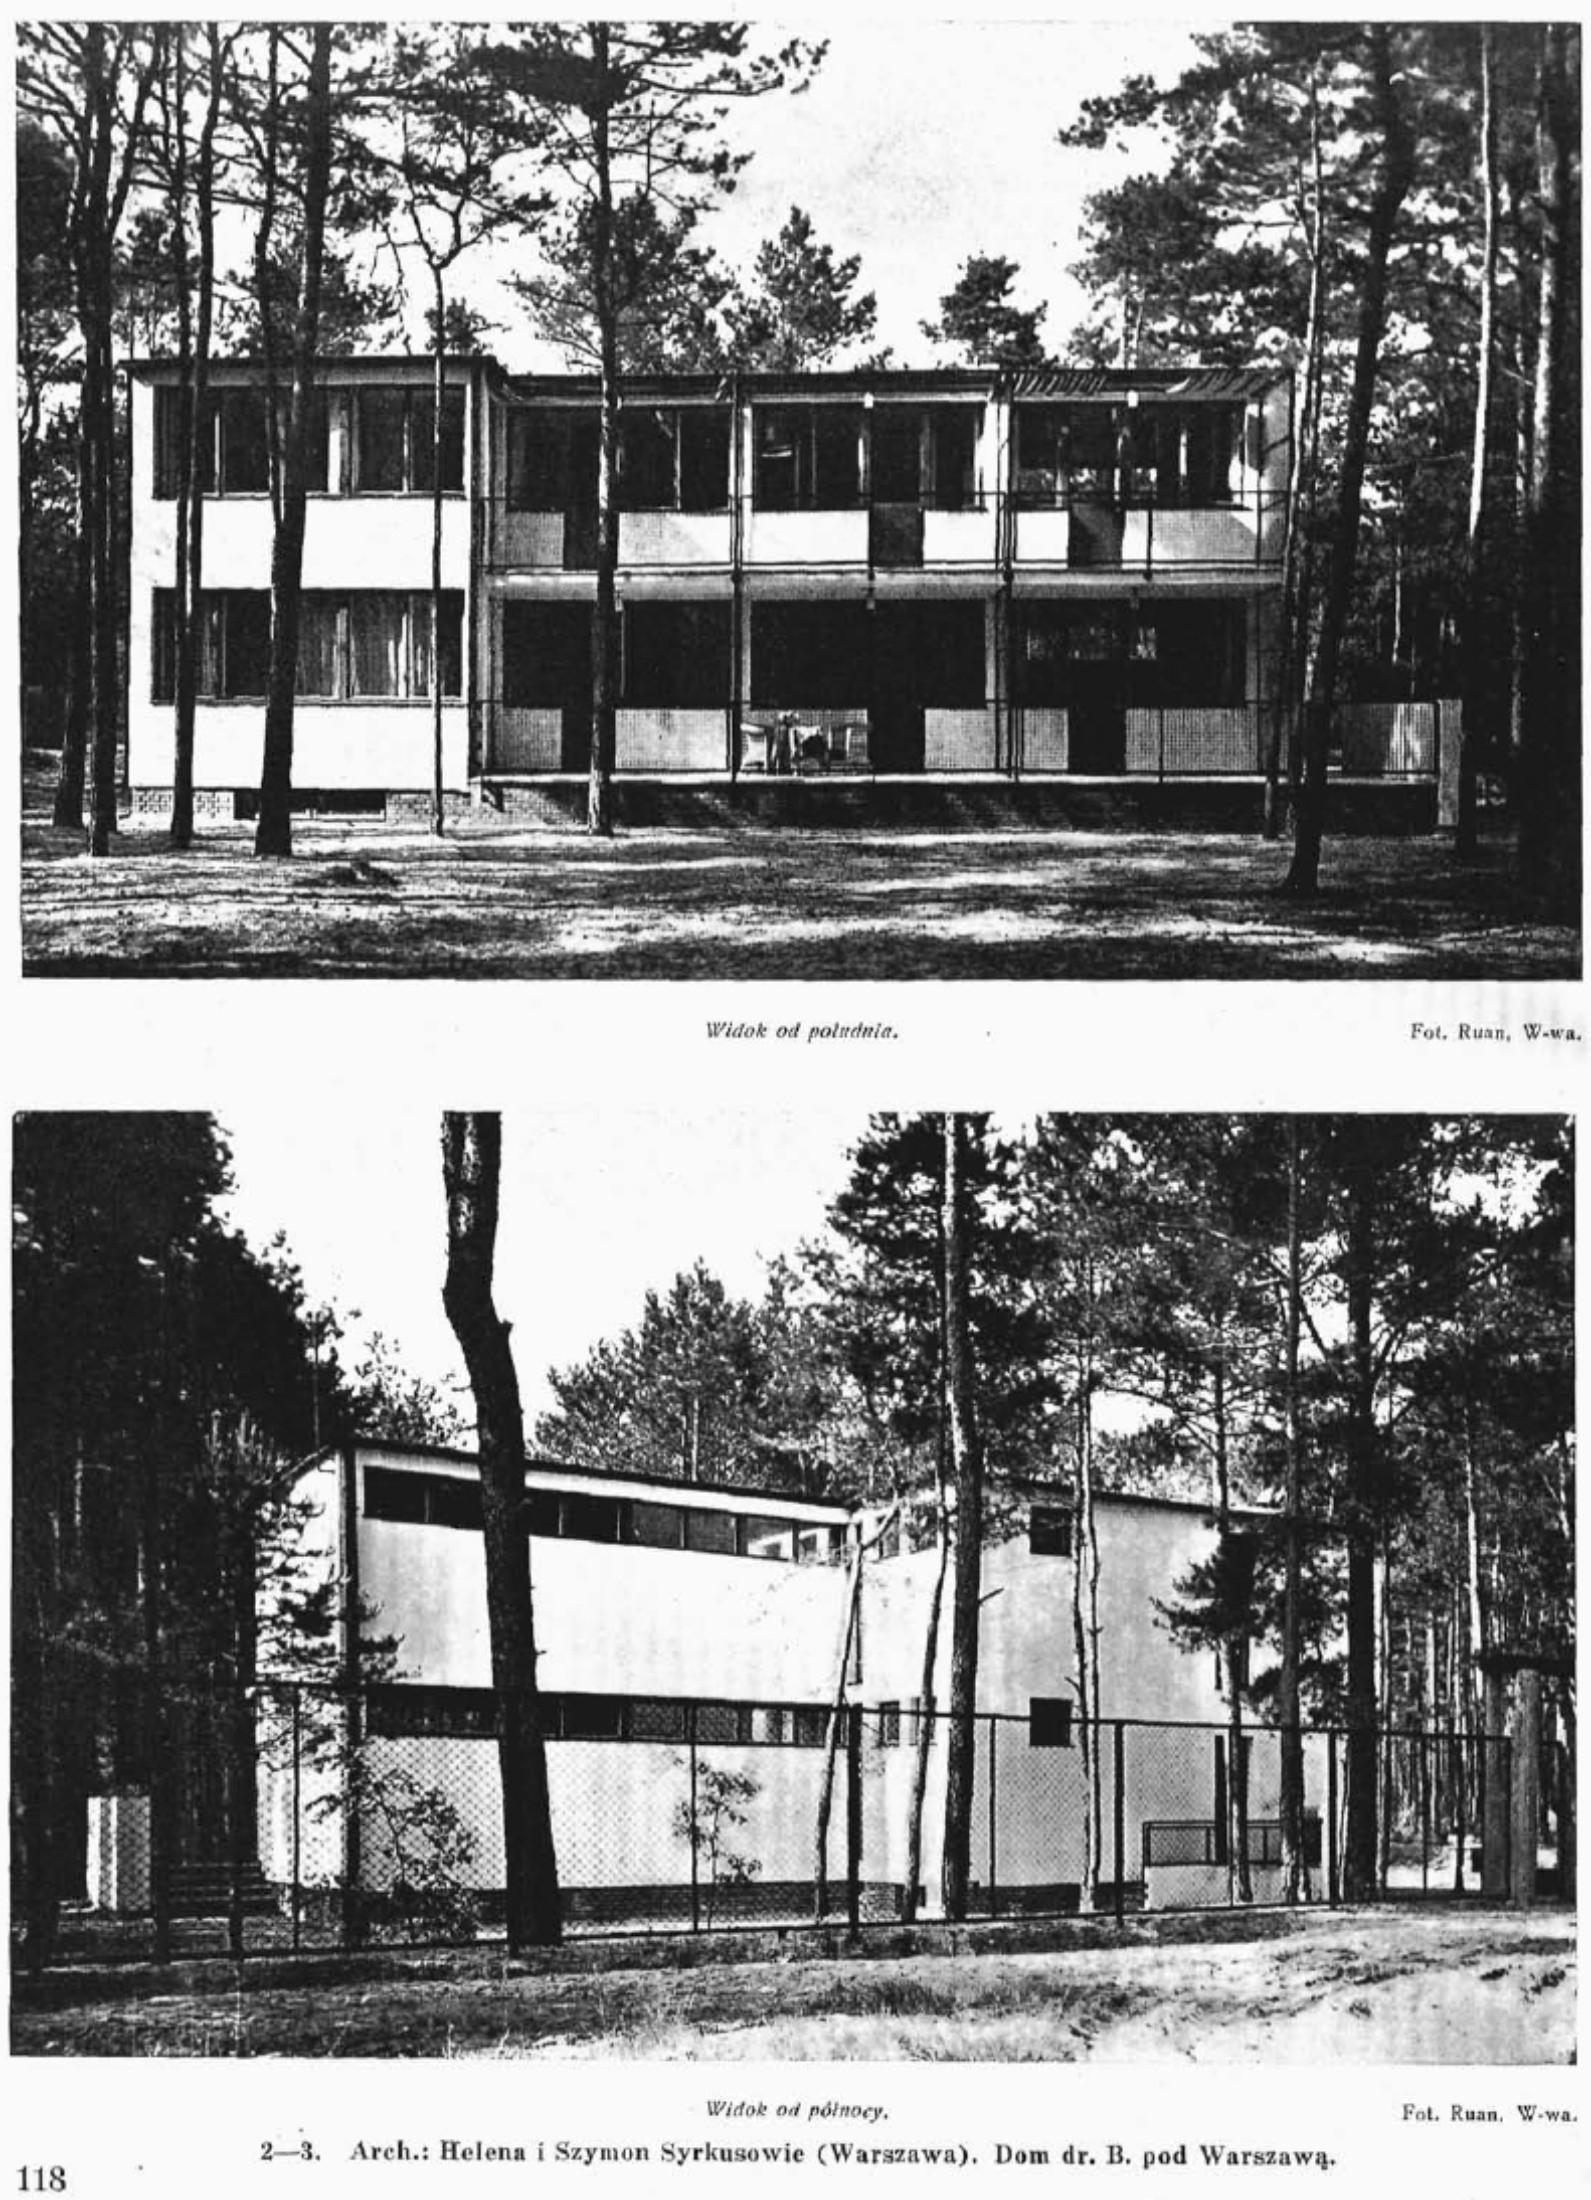 Południowa i północna fasada domu (Architektura i Budownictwo, nr 4 1934 r)